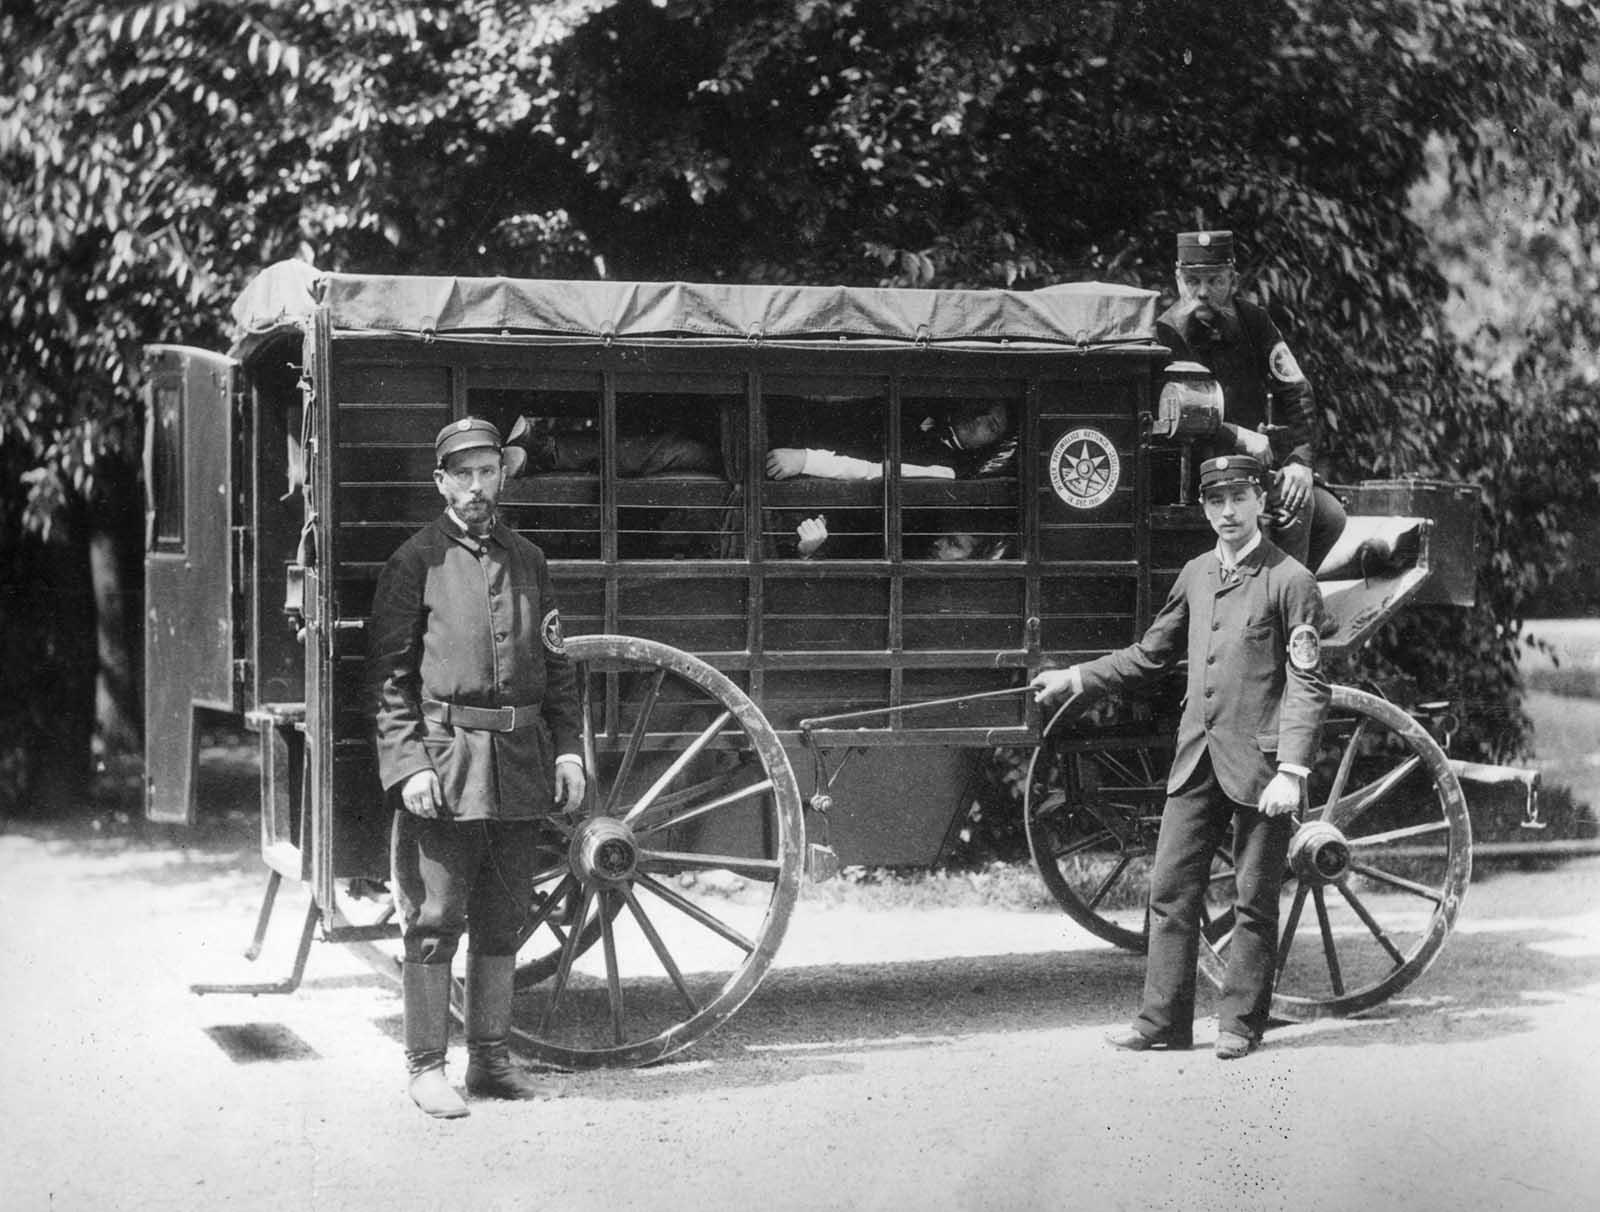 """Una ambulancia de Wiener con pacientes en """"capas"""" en un carruaje de madera tirado por caballos. Los laterales están parcialmente abiertos, pero tienen cortinas. Los ambulancias son miembros de la Sociedad de Rescate Voluntario de Viena, fundada en 1881."""